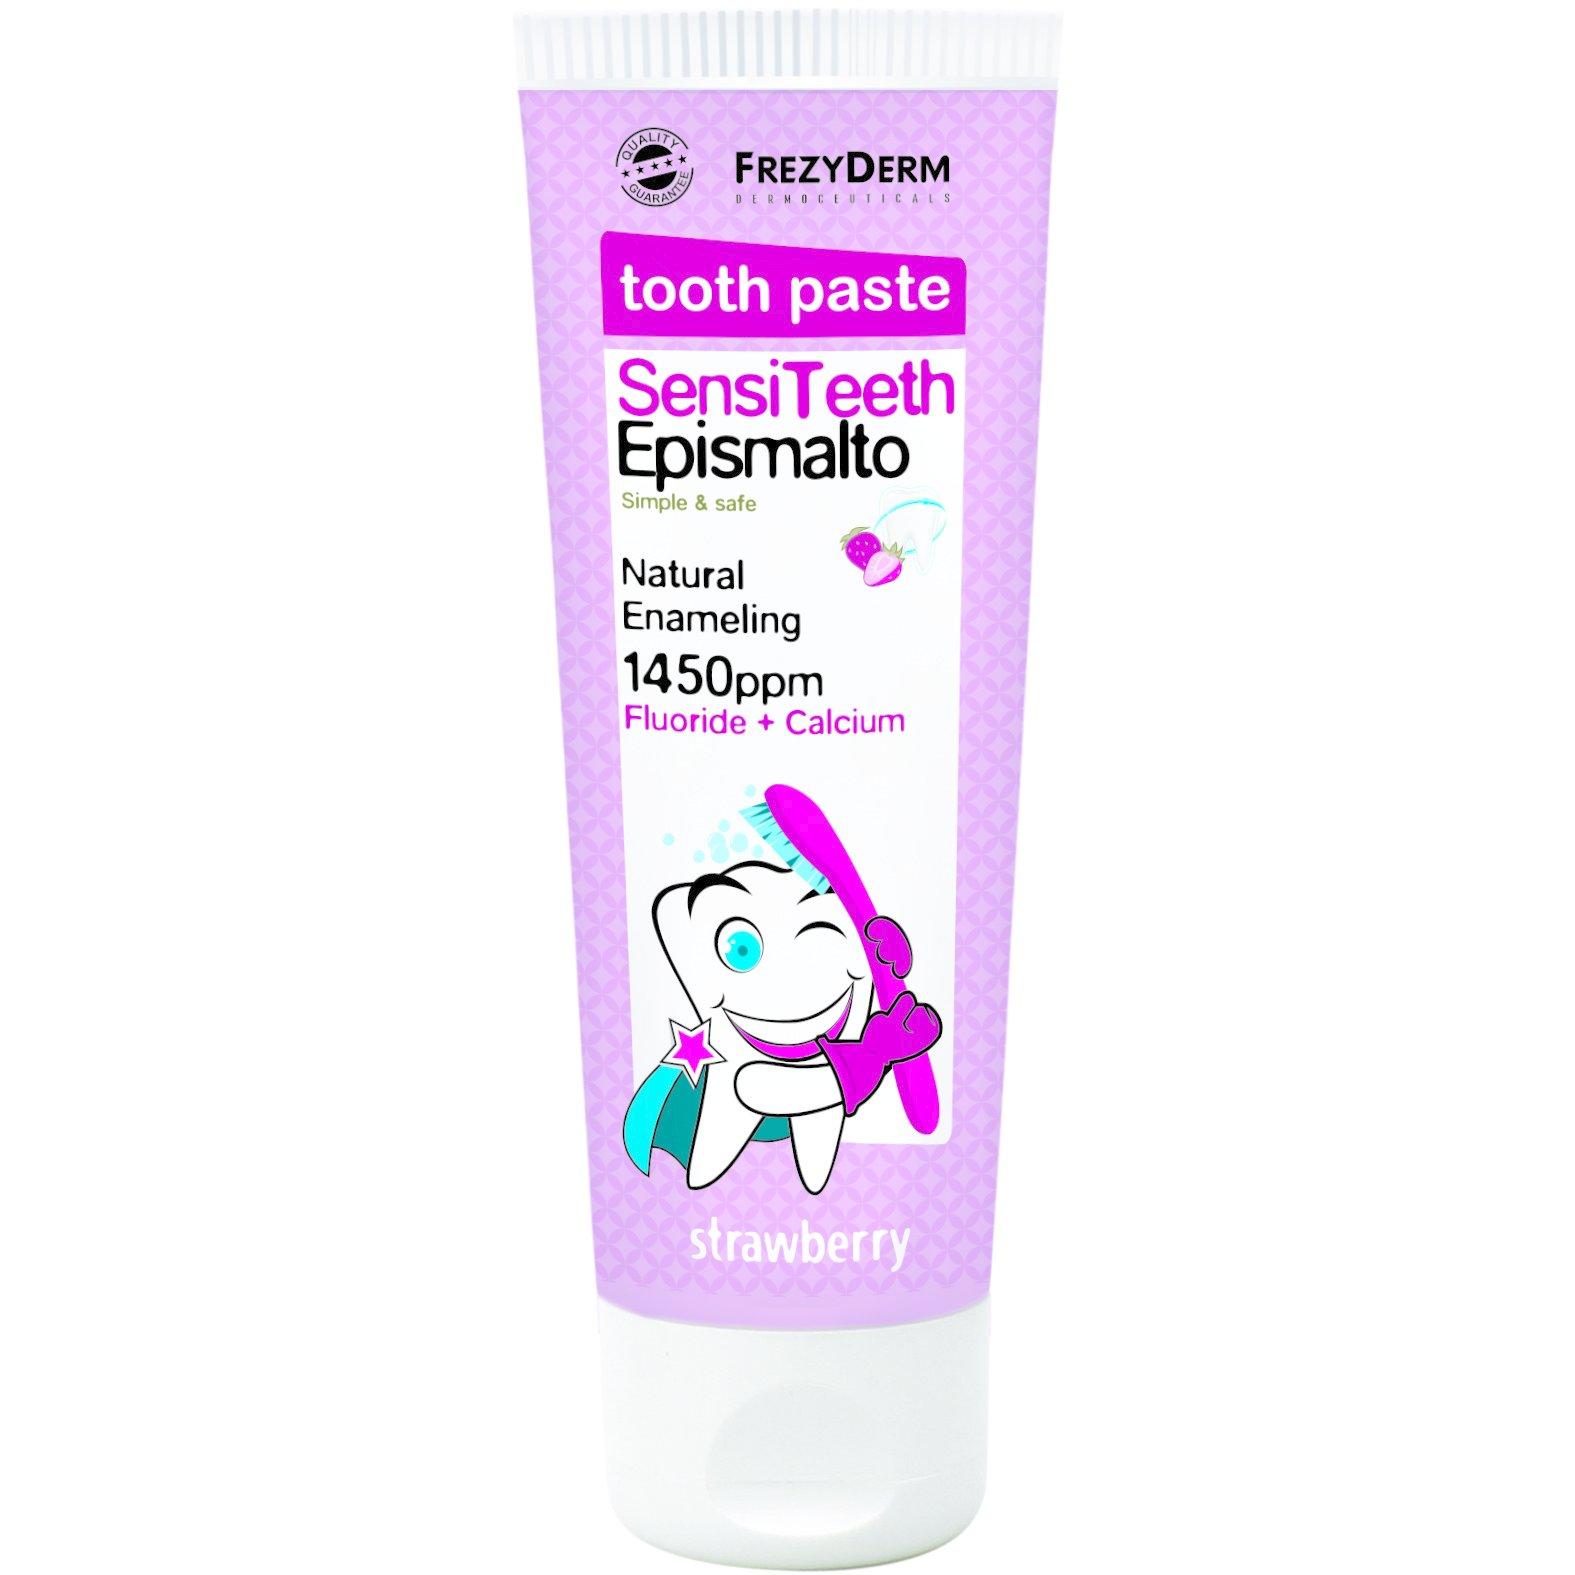 Frezyderm SensiTeeth Epismalto Tooth Paste 1.450ppm Οδοντόκρεμα που Ενισχύει το Σμάλτο των Δοντιών για Παιδιά Από 6 Ετών 50ml